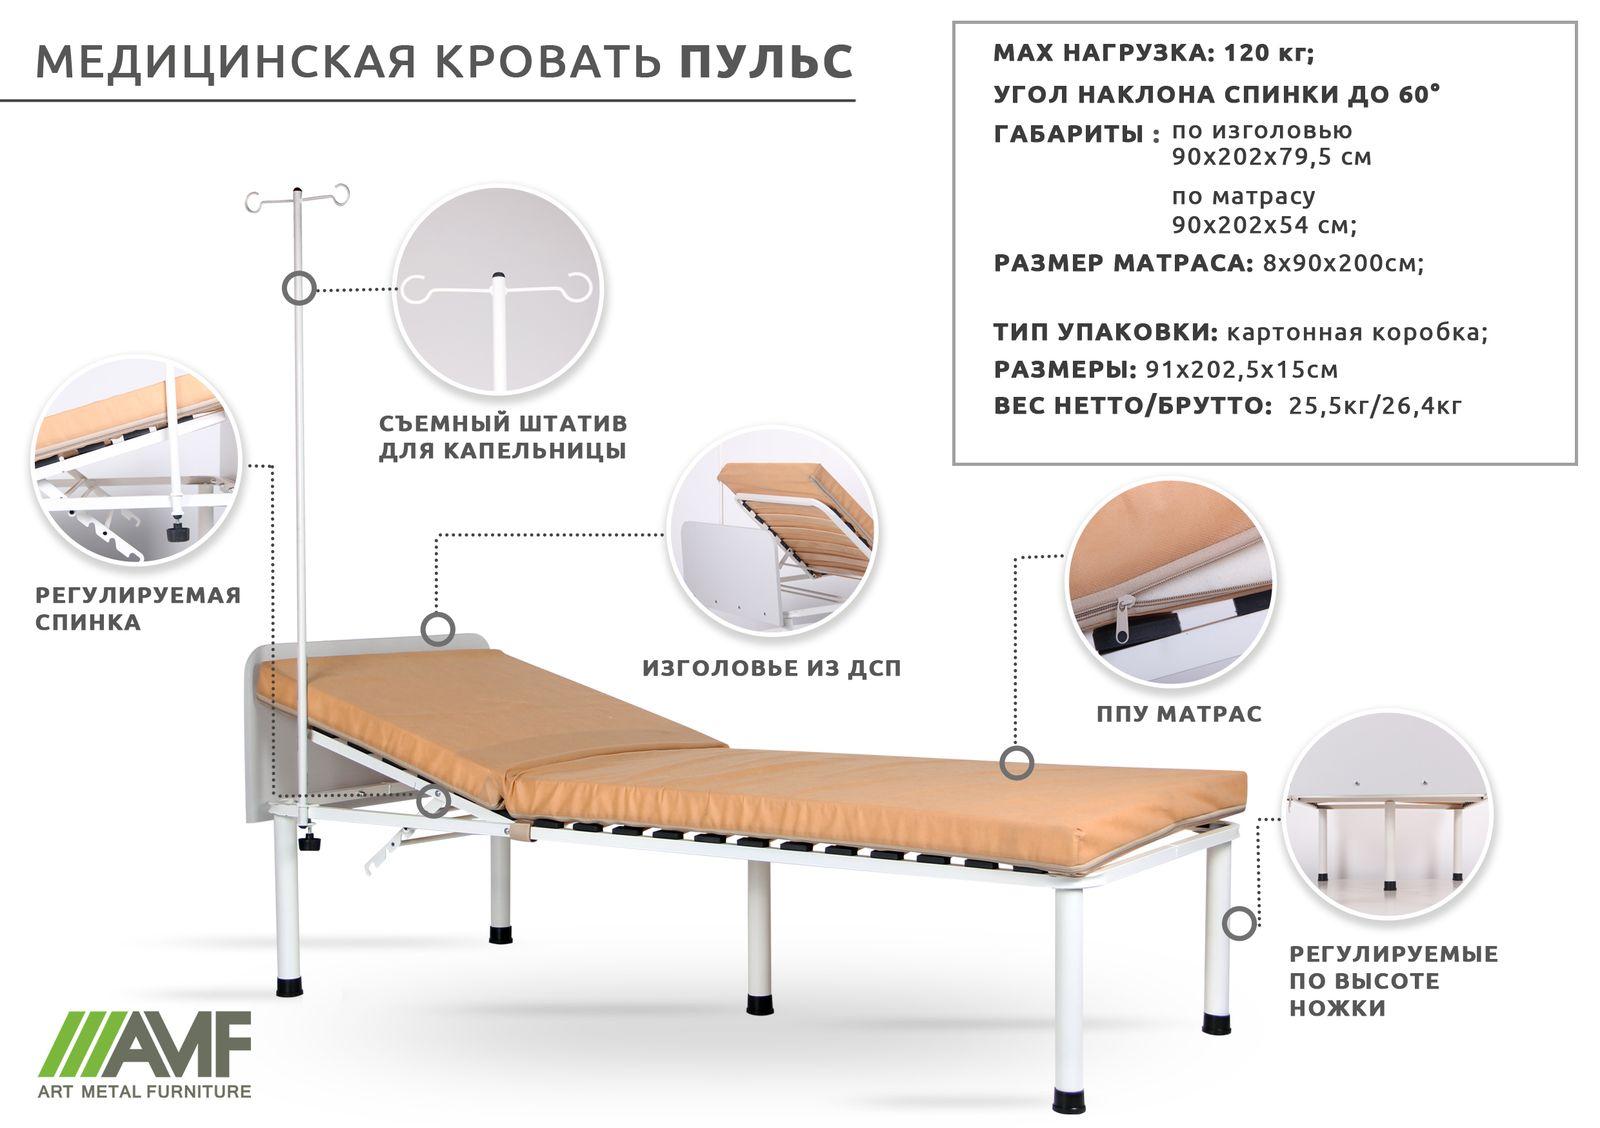 Кровать медицинская Пульс